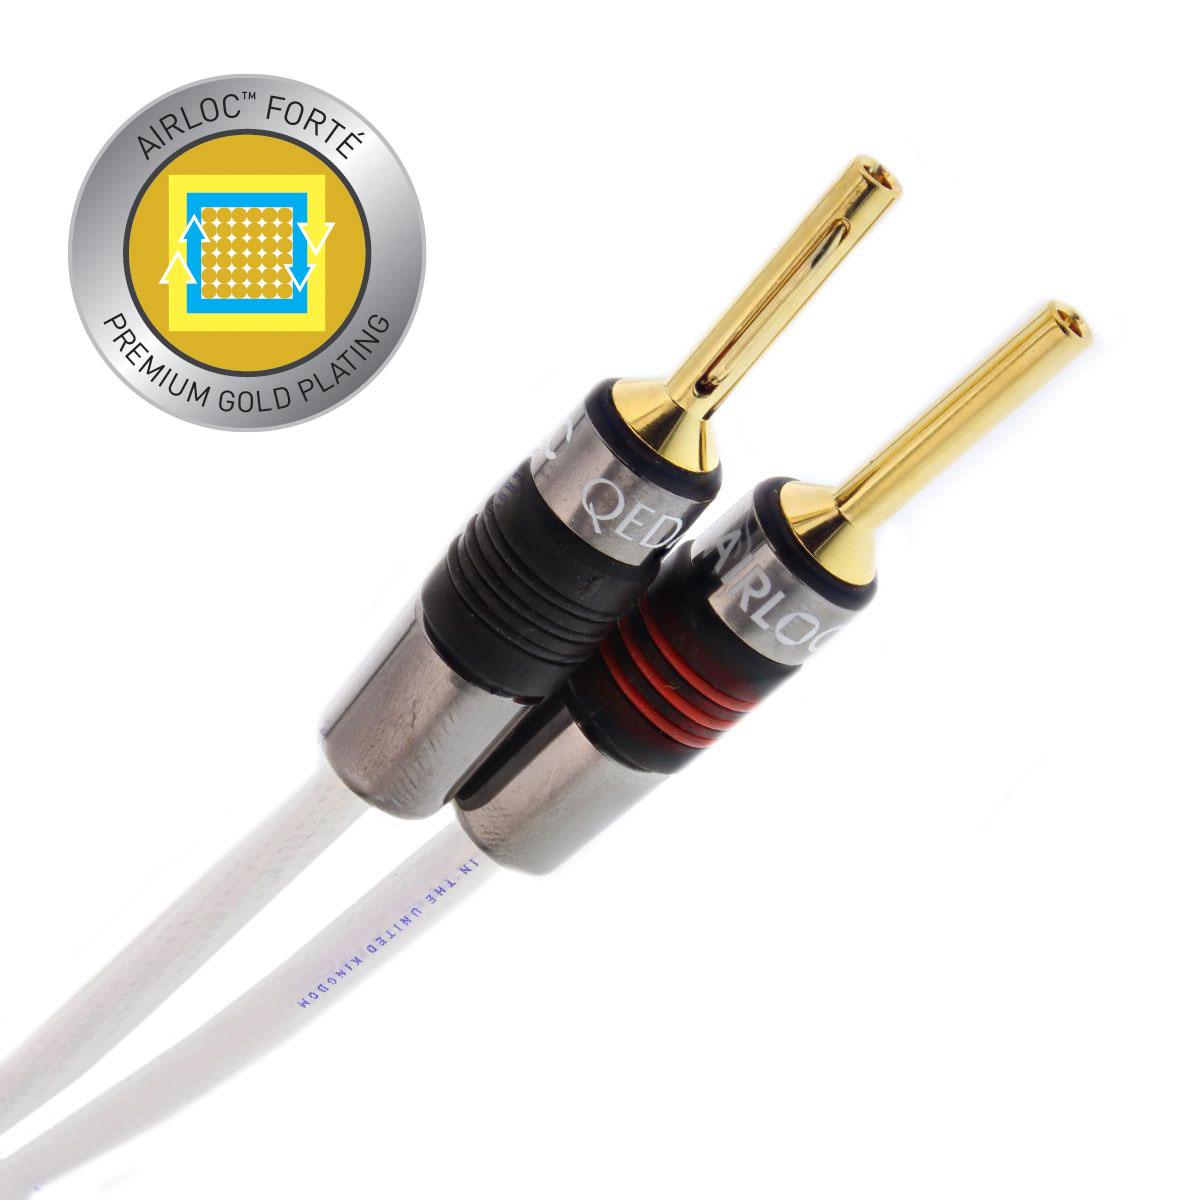 De QED XT25 Airloc Metal is de referentie kabel in deze prijsklasse. Gecombineerd met Airloc techniek onverslaanbaar